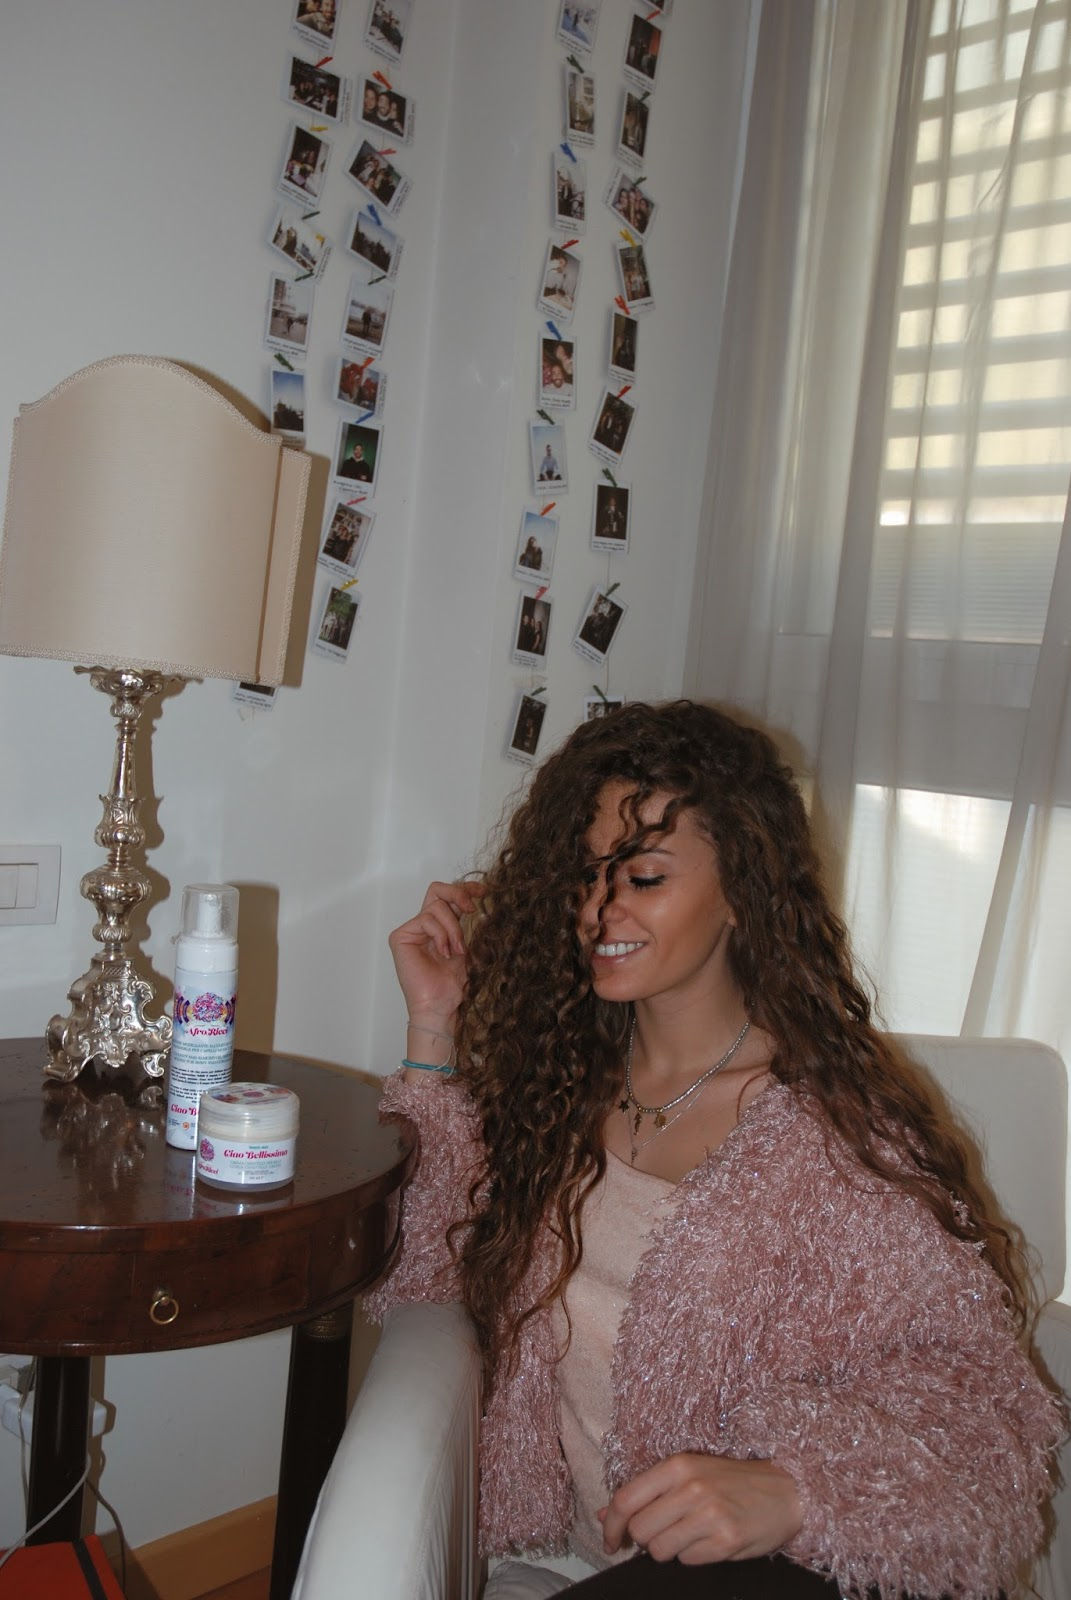 i segreti per avere capelli ricci perfetti, morbidi e definiti ecco come fare, capelli ricci, come avere capelli ricci definiti, come avere capelli ricci , capelli ricci , valentina rago, fashion need